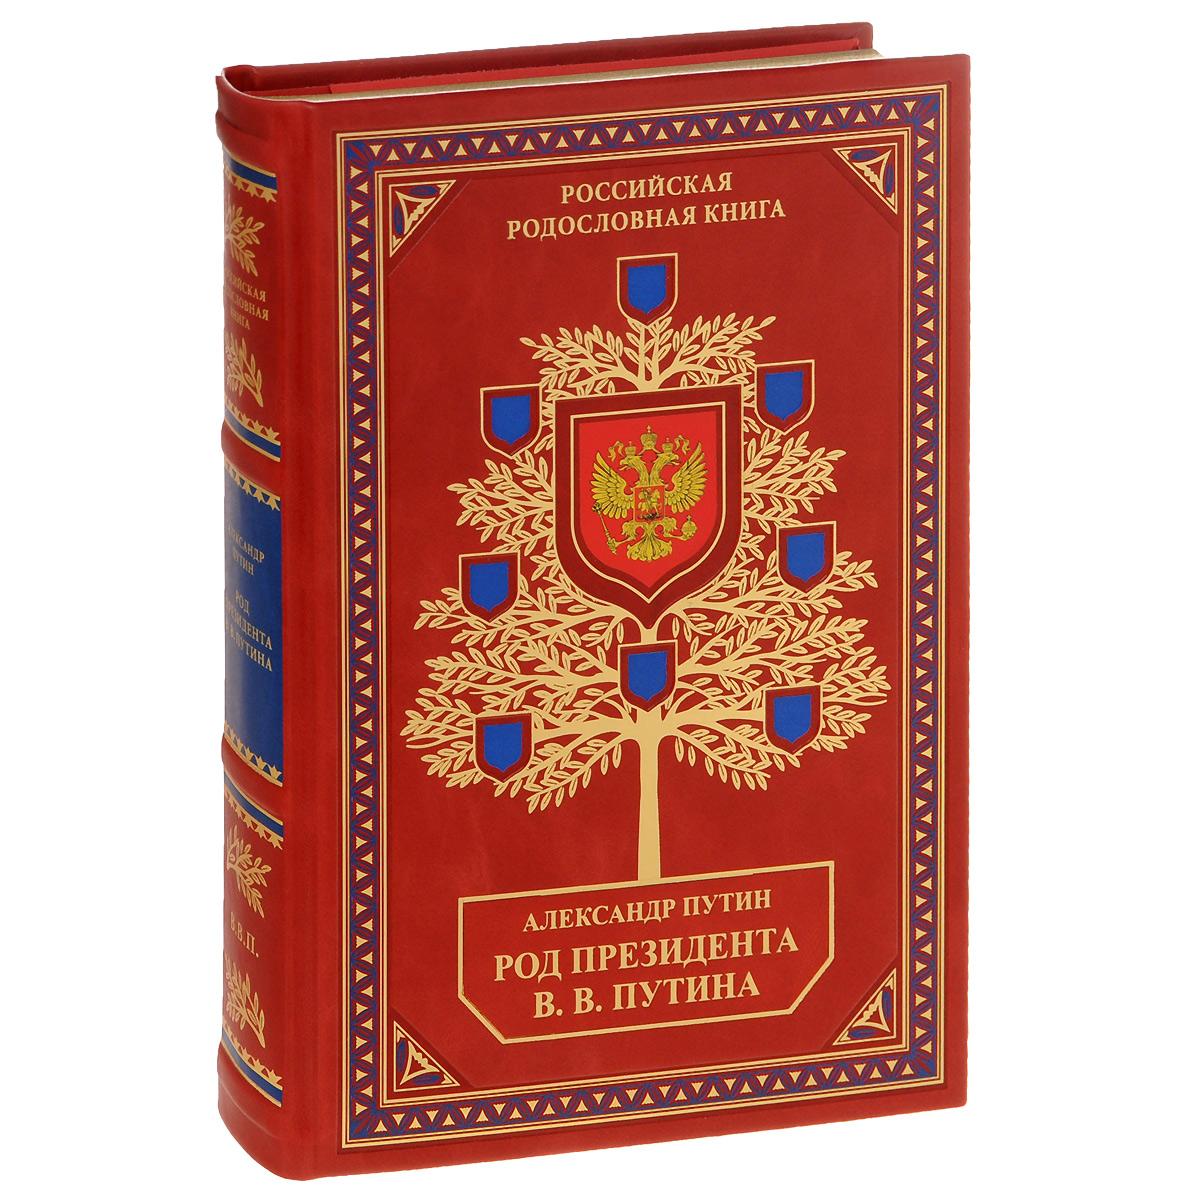 Александр Путин Род Президента В. В. Путина. Материалы исследования 1986-2002 гг. (подарочное издание)